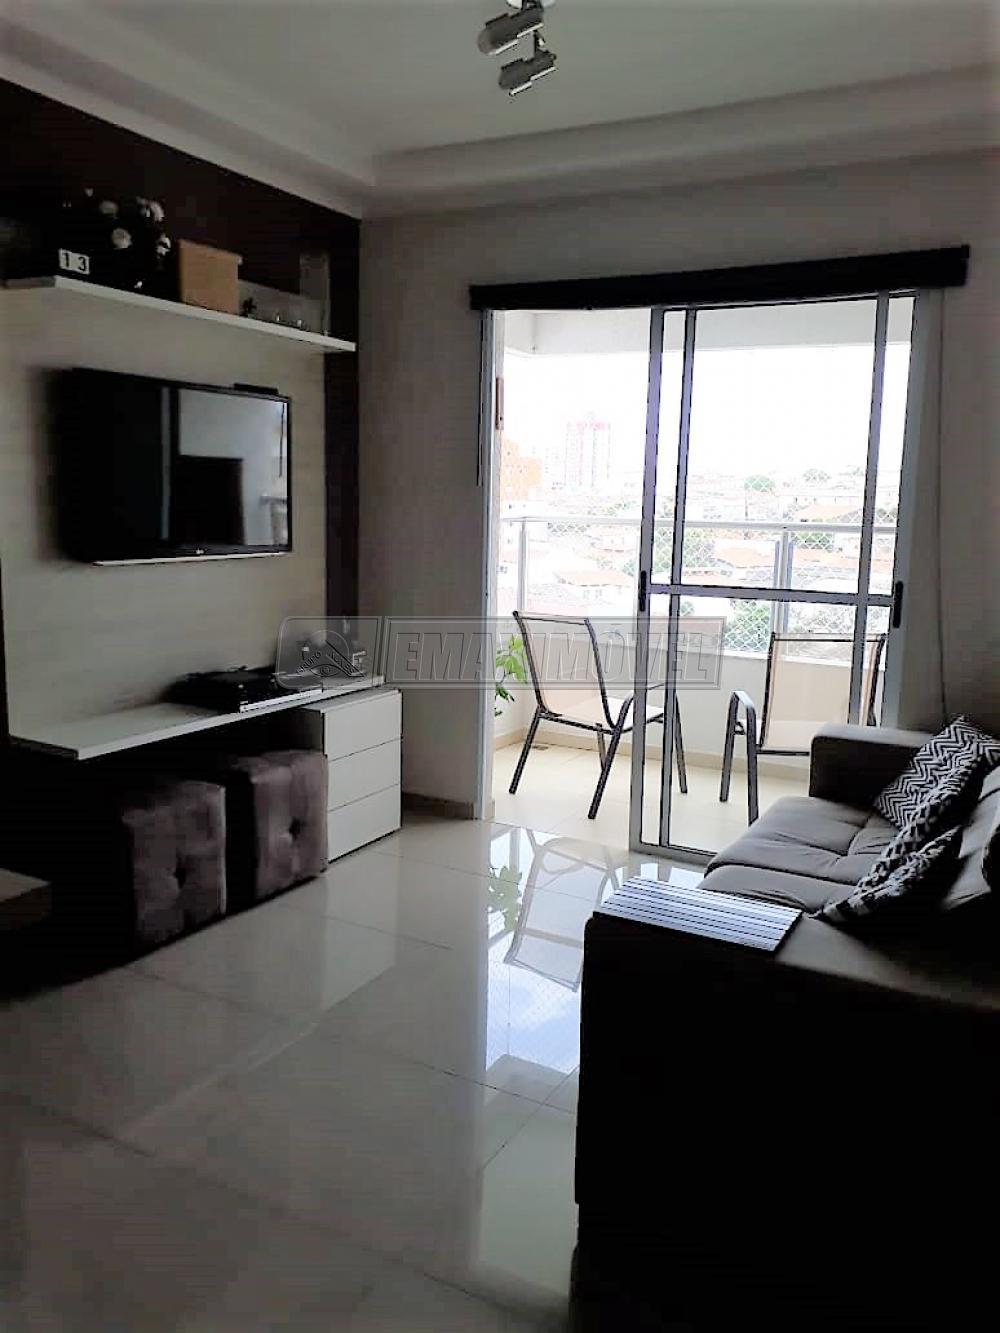 Comprar Apartamento / Padrão em Sorocaba R$ 348.000,00 - Foto 3